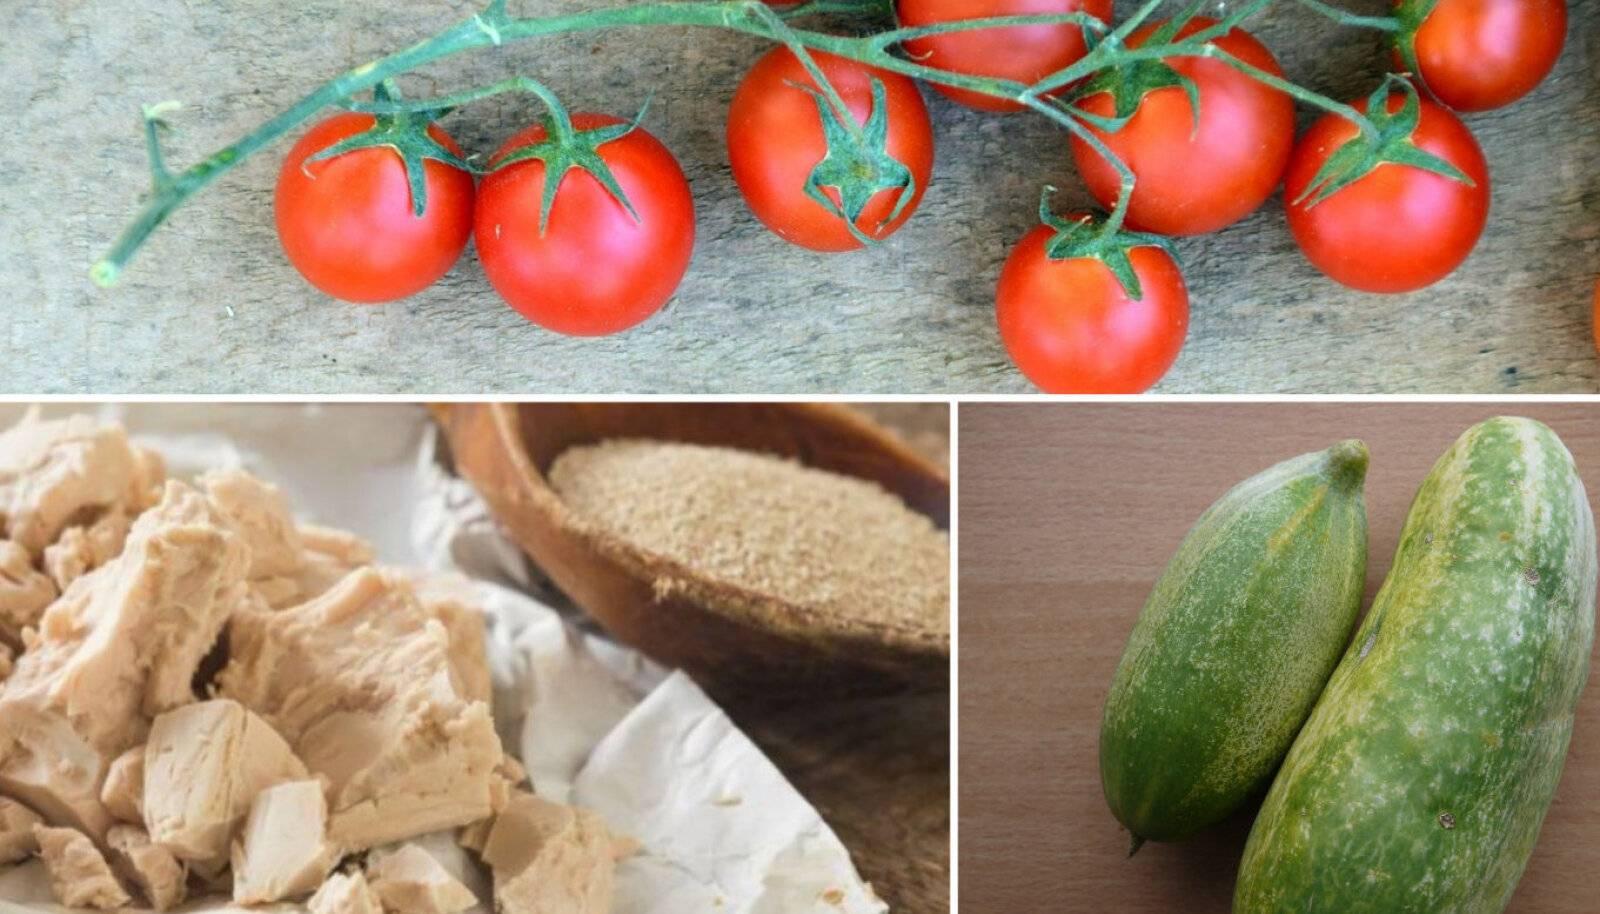 Как подкормить огурцы дрожжами: пропорции, как и когда удобрять